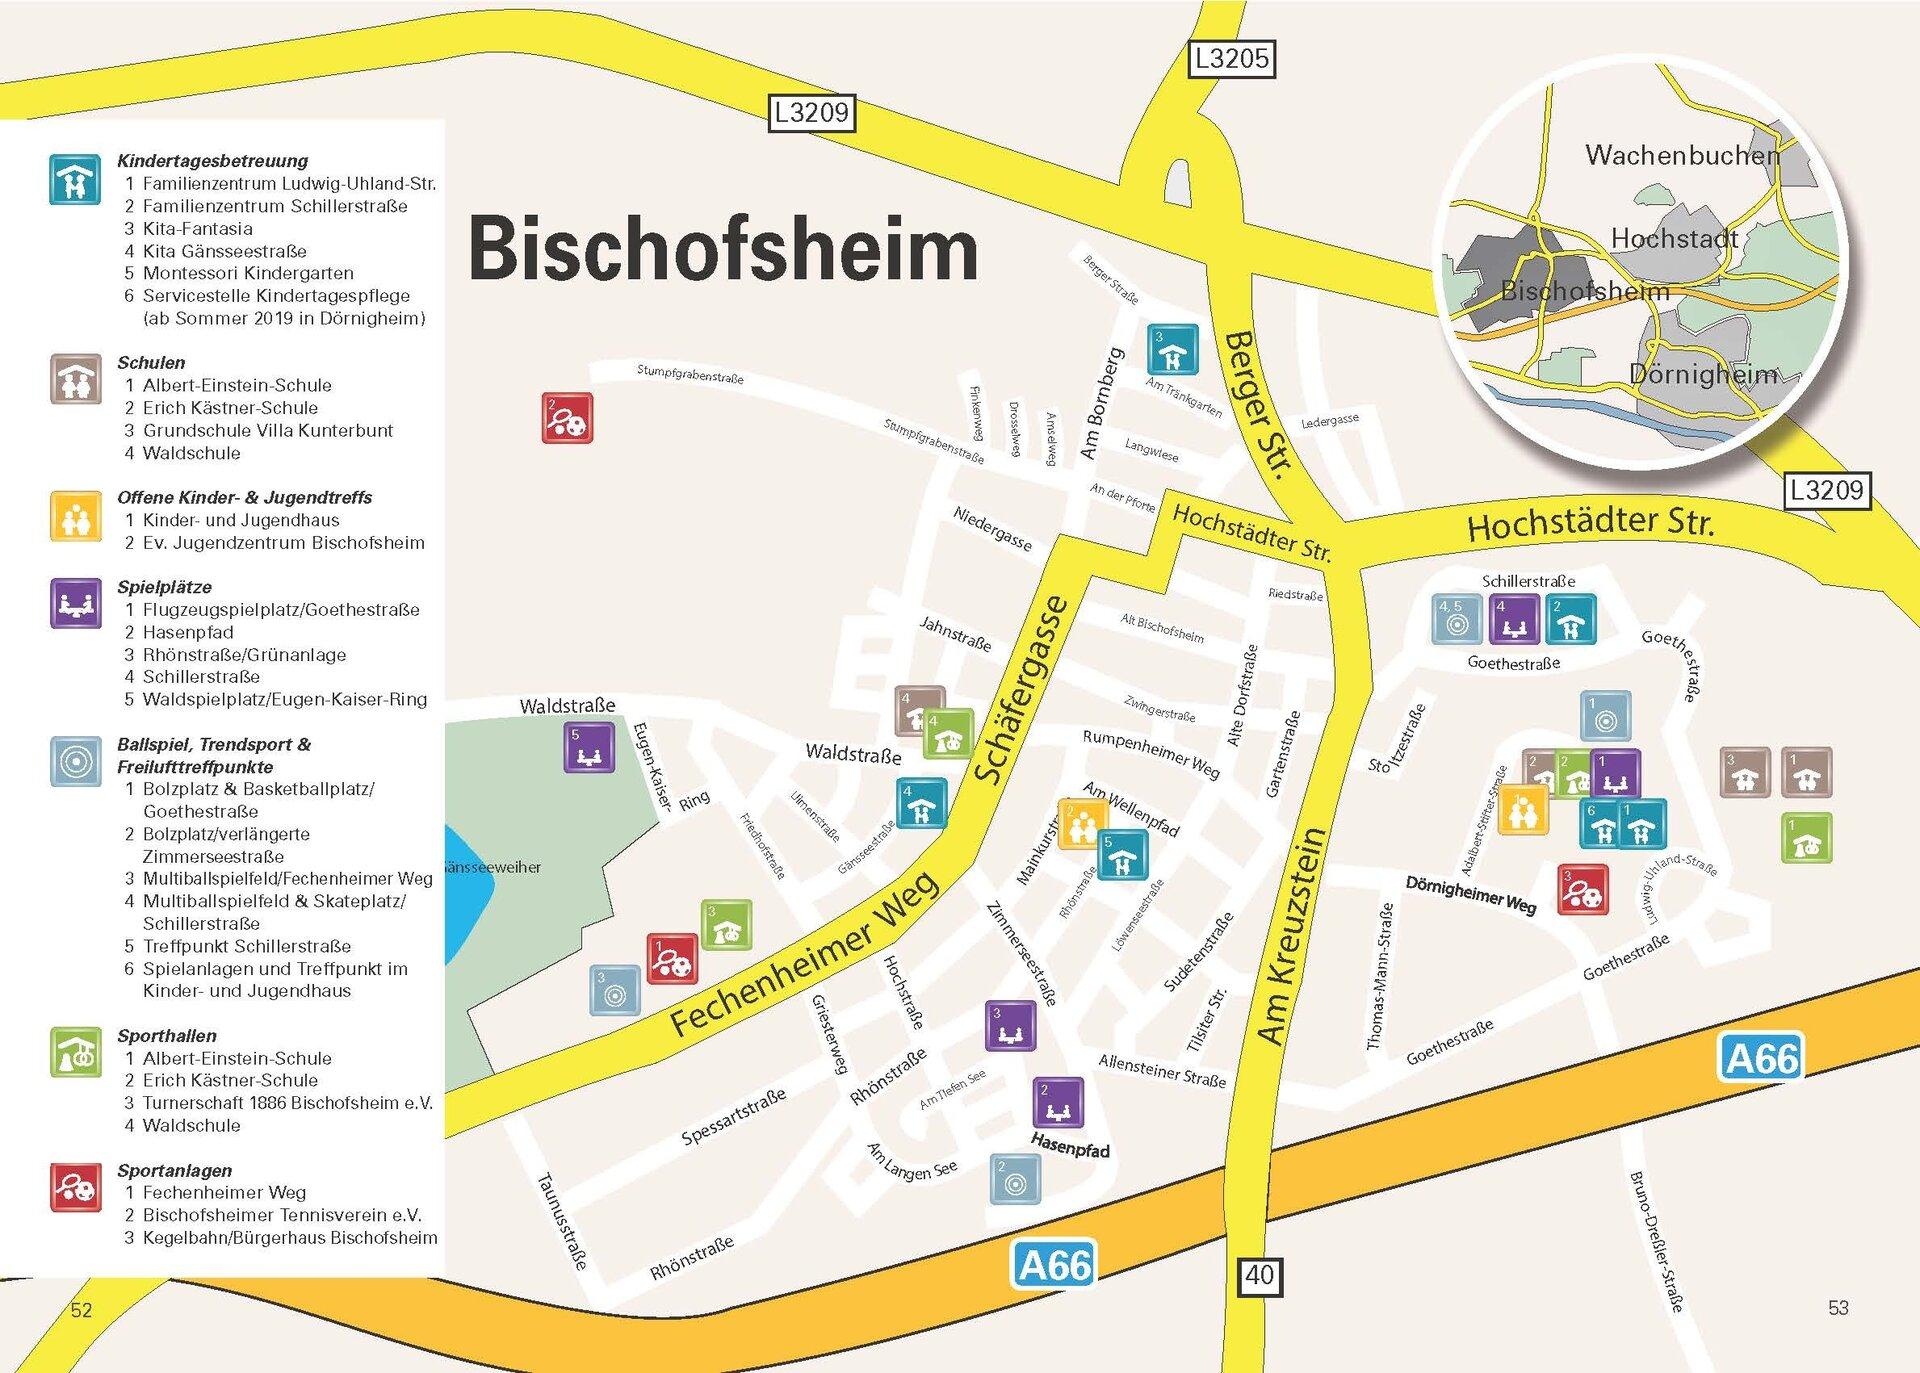 Spiel- und Bolzplätze in Maintal-Bischofsheim